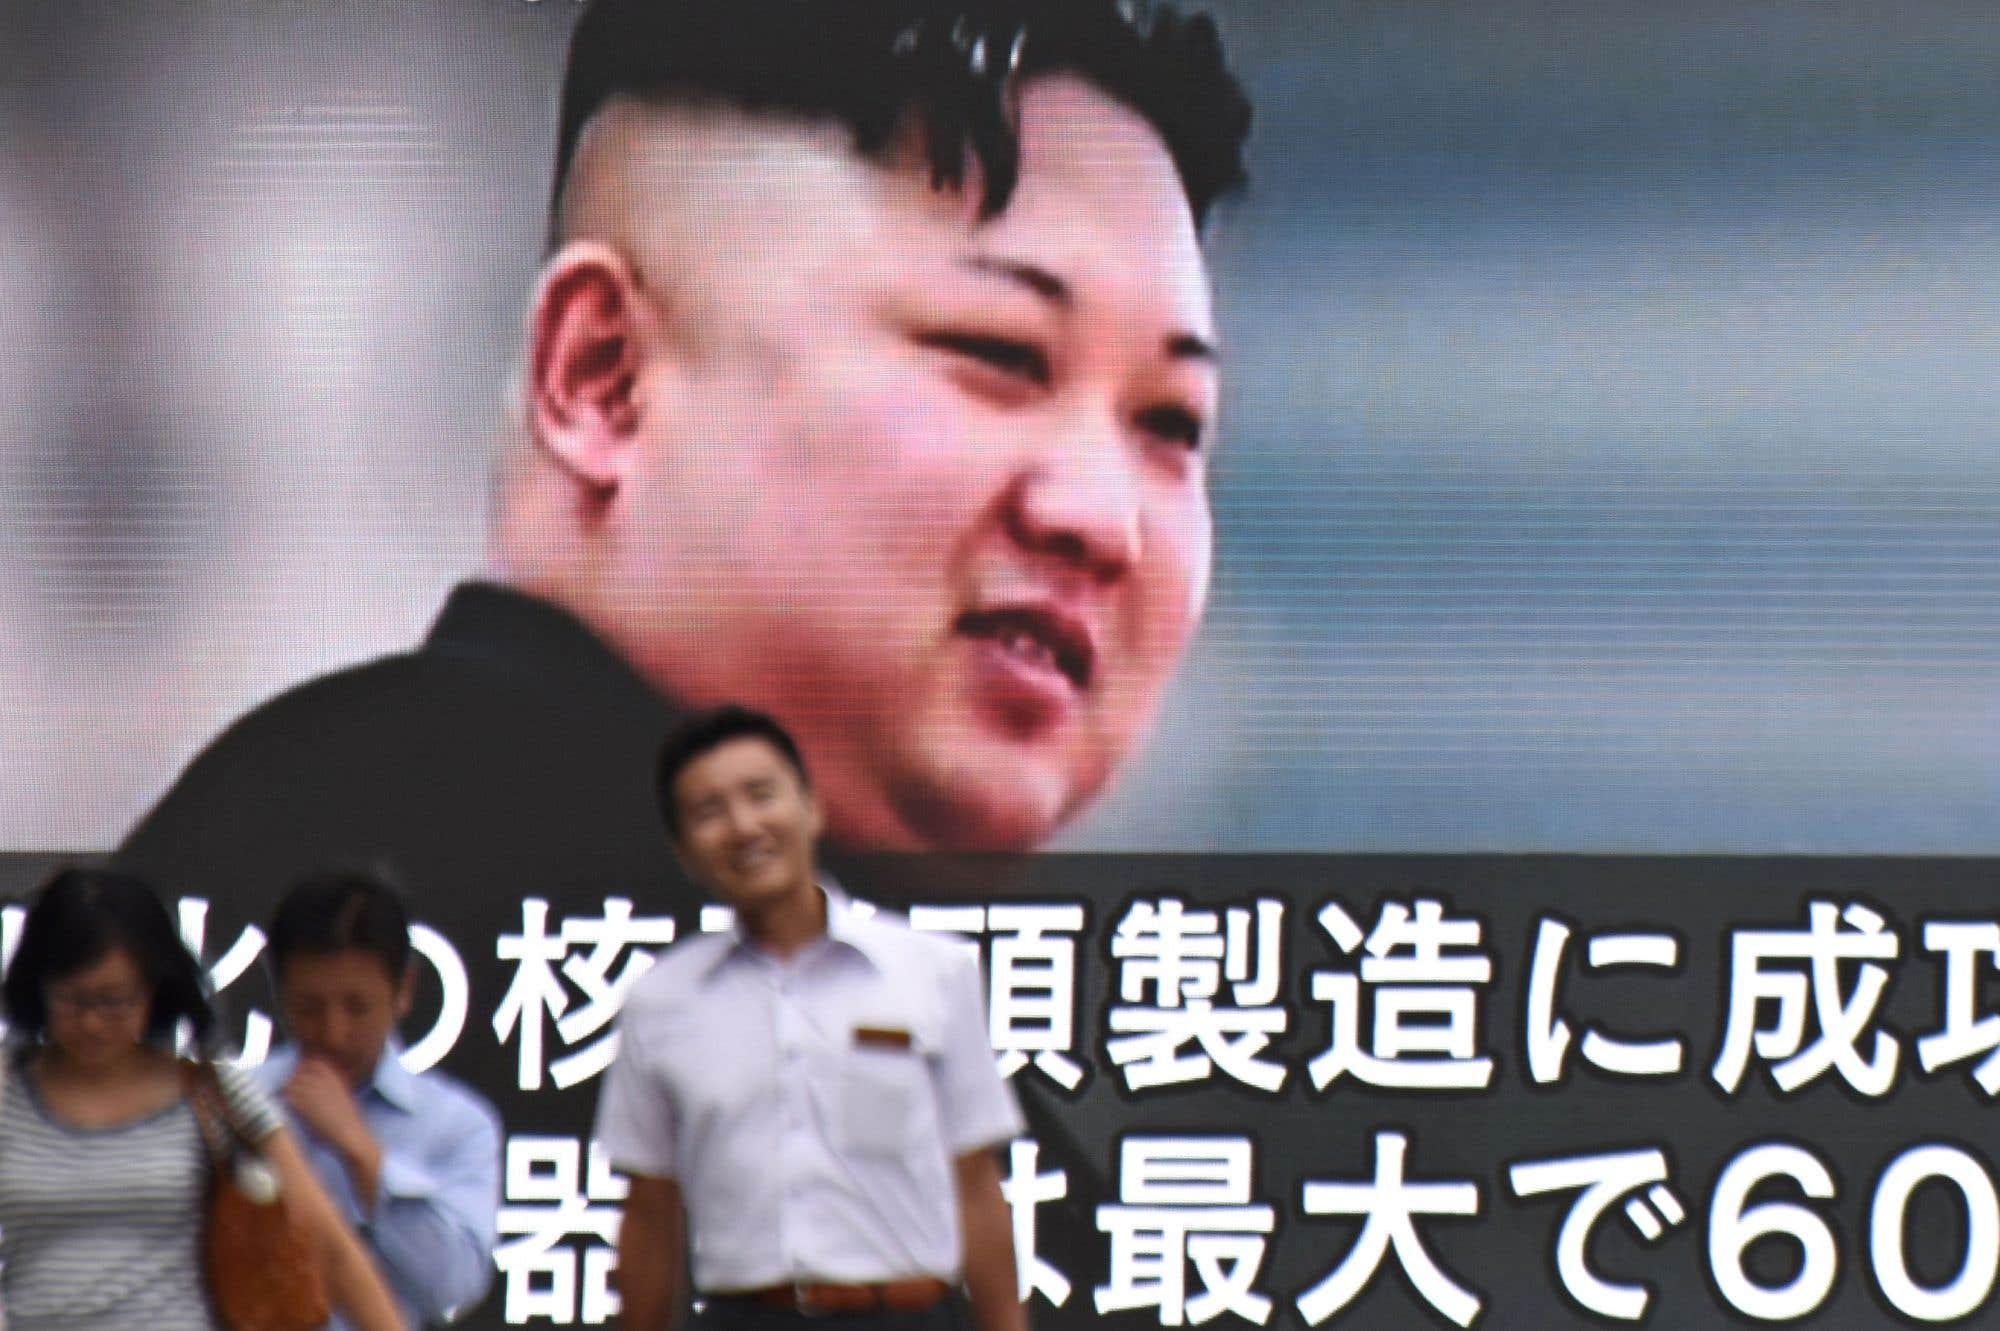 «La Corée du Nord ferait mieux de ne plus proférer de menaces envers les États-Unis», a déclaré Donald Trump depuis son club de golf à Bedminster. Les menaces, si elles se poursuivaient, «se heurteront au feu et à la colère», a-t-il ajouté, promettant une réaction d'une ampleur «que le monde n'a jamais vue jusqu'ici». Le leader nord-coréen, Kim Jung-un, a menacé d'attaquer l'île de Guam en réponse au président américain. Consultez notre texte sur le sujet